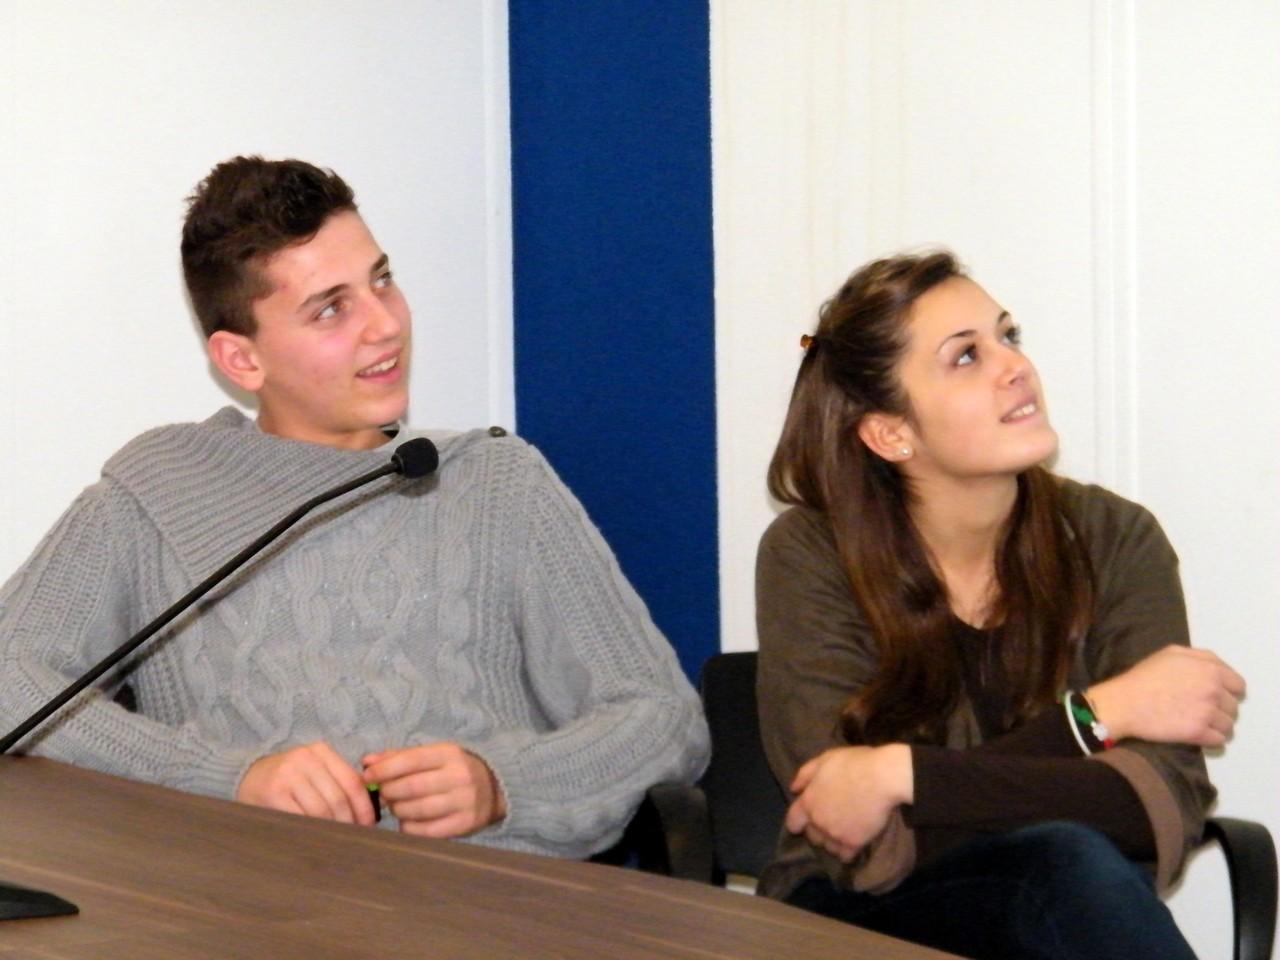 Luca Spaccino e Martina Rosati, rientrati da Salo (FI) a metà Novembre